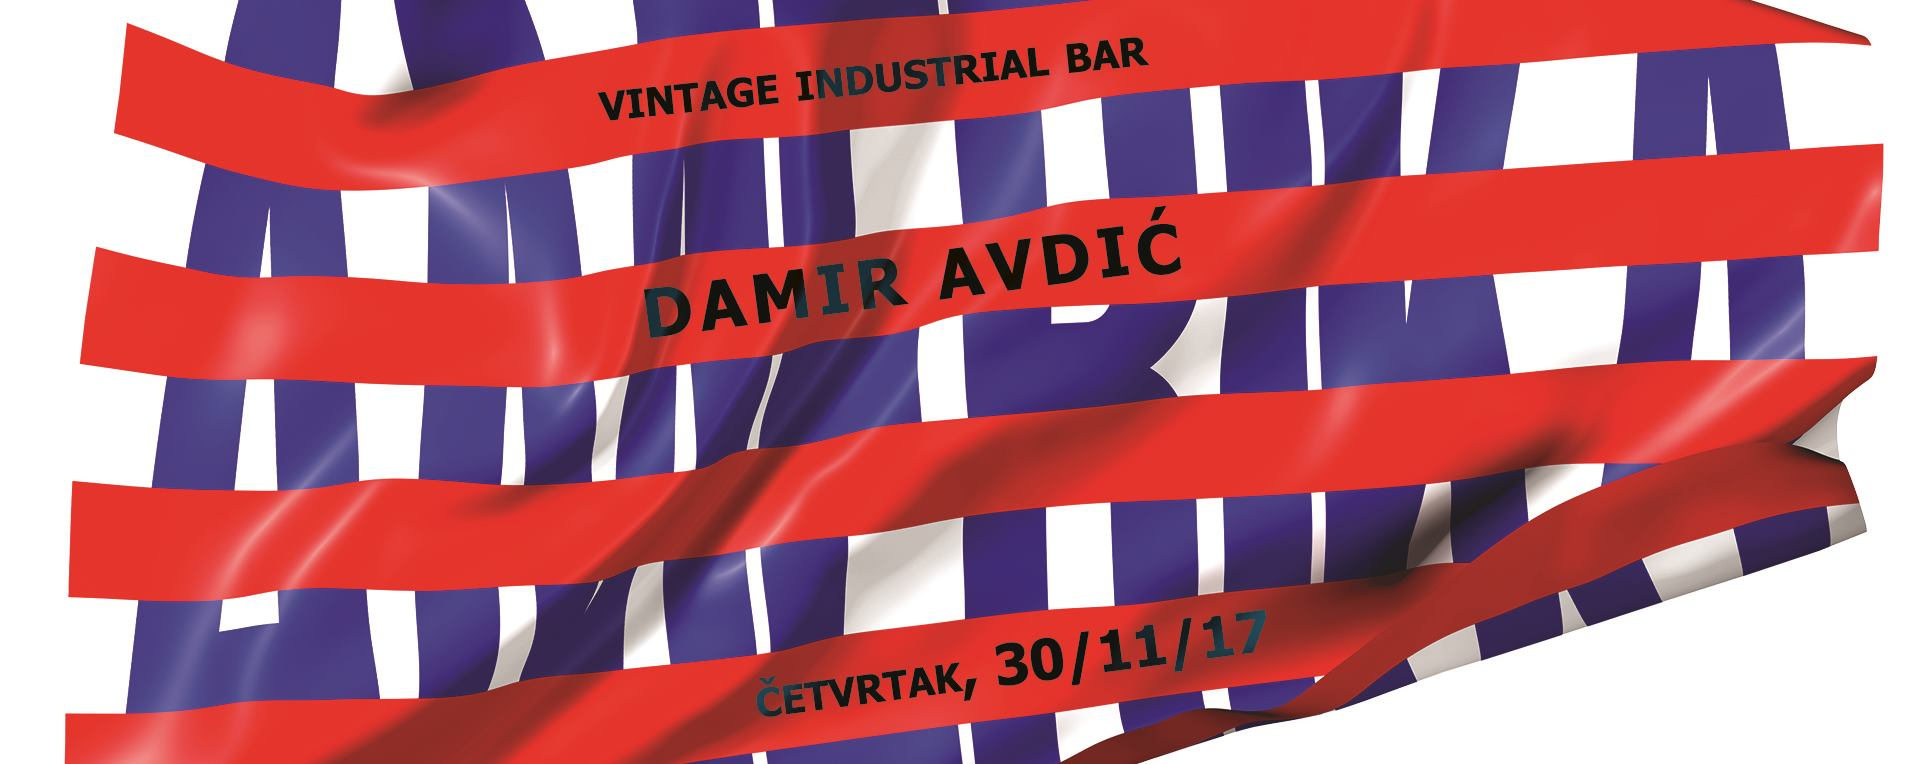 Najnoviji album Damira Avdića nailazi na oduševljenje publike i kritike